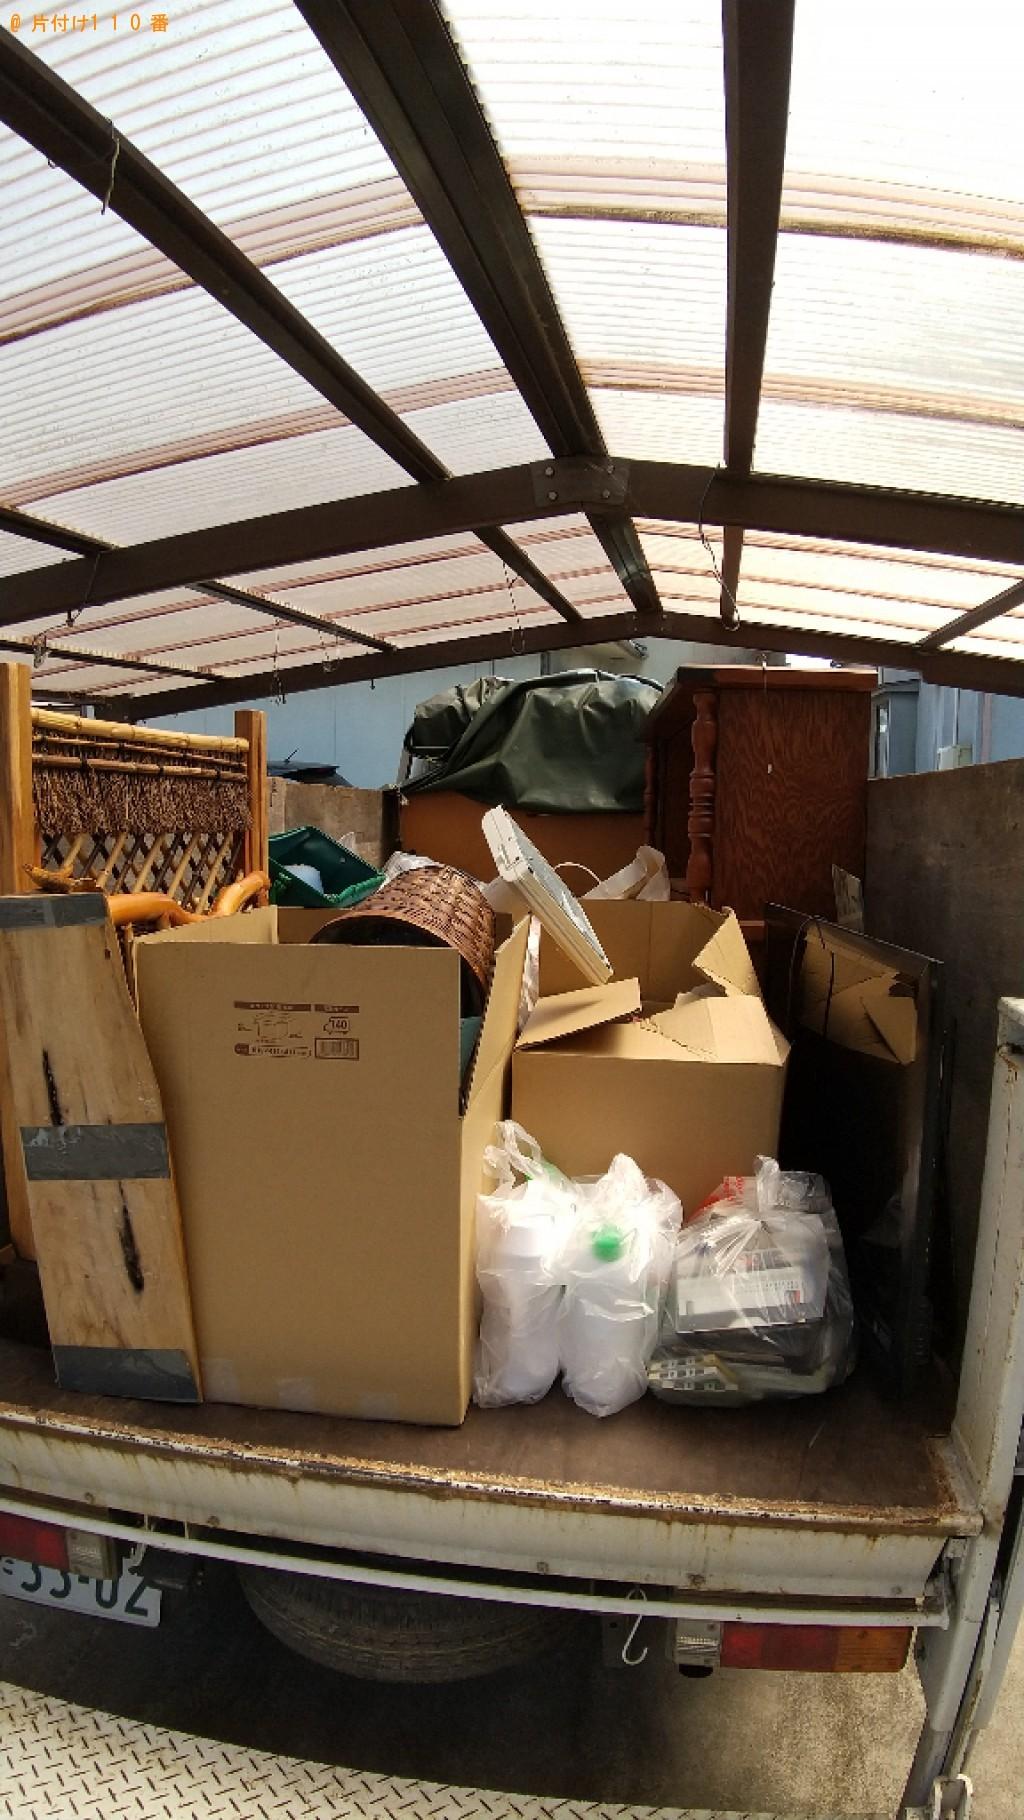 【福山市坪生町】テレビ、食器棚、テレビ台、一般ごみ等の回収・処分